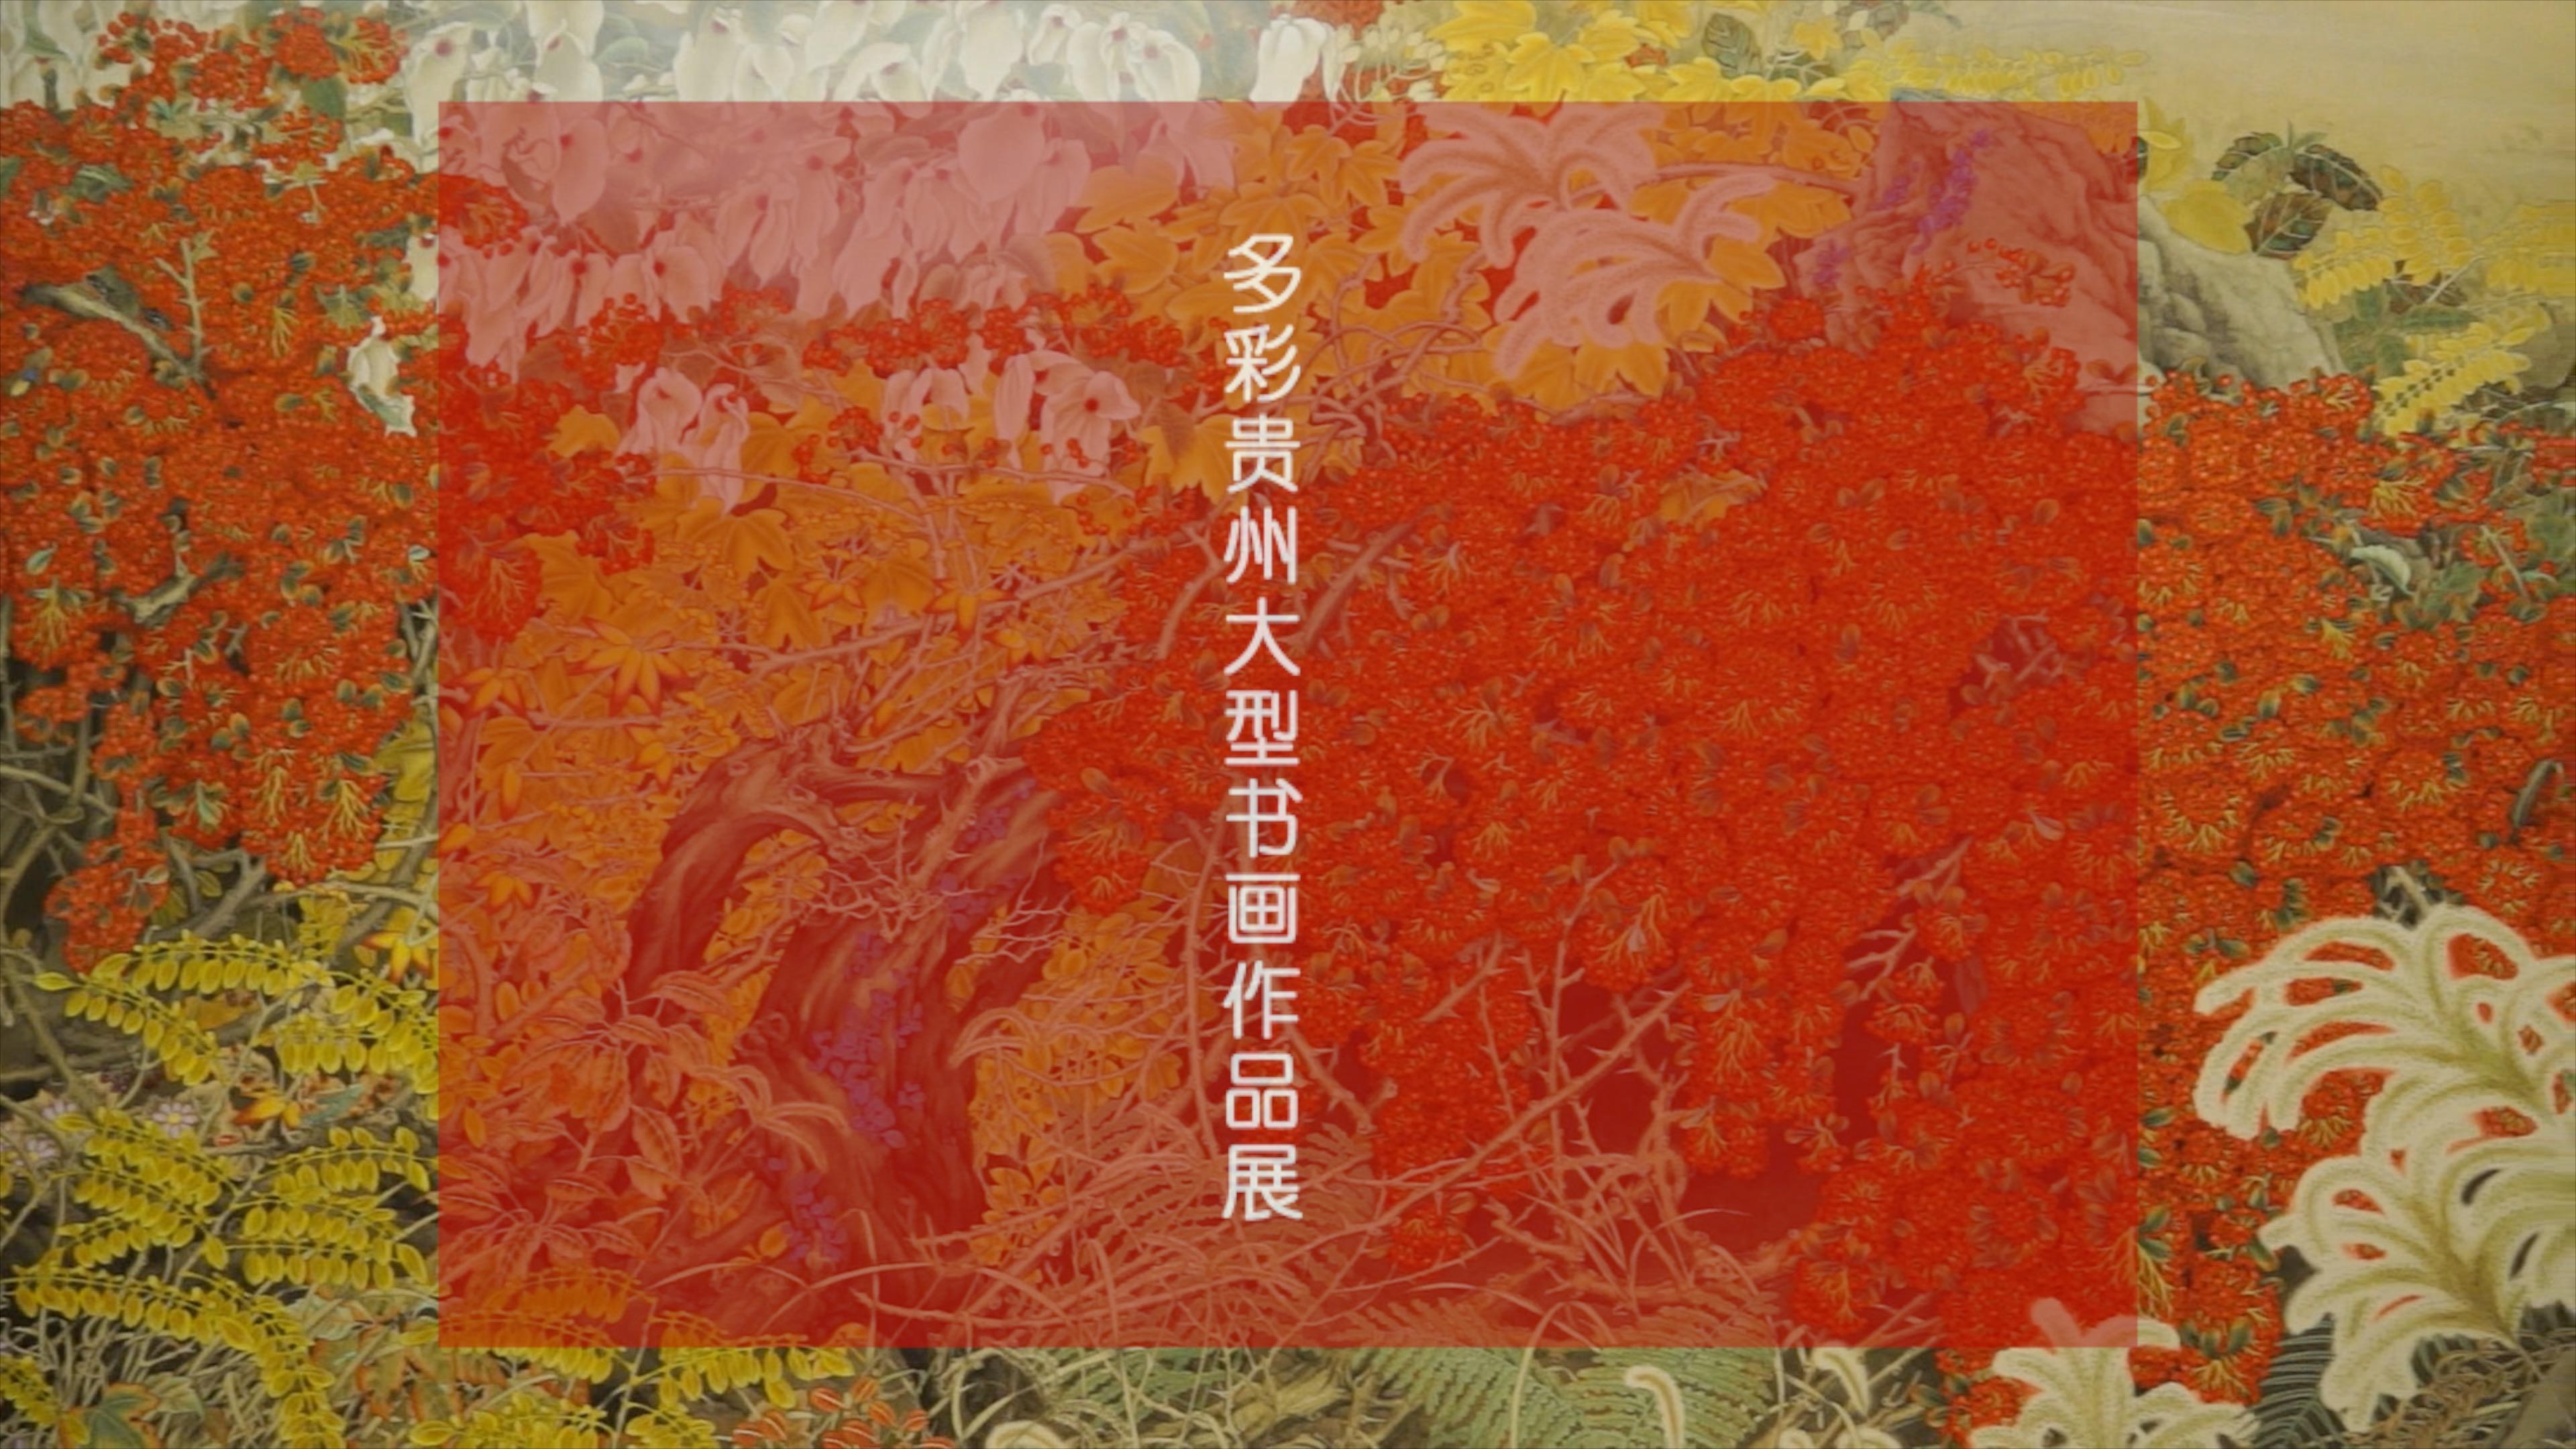 多彩贵州大型书画作品展